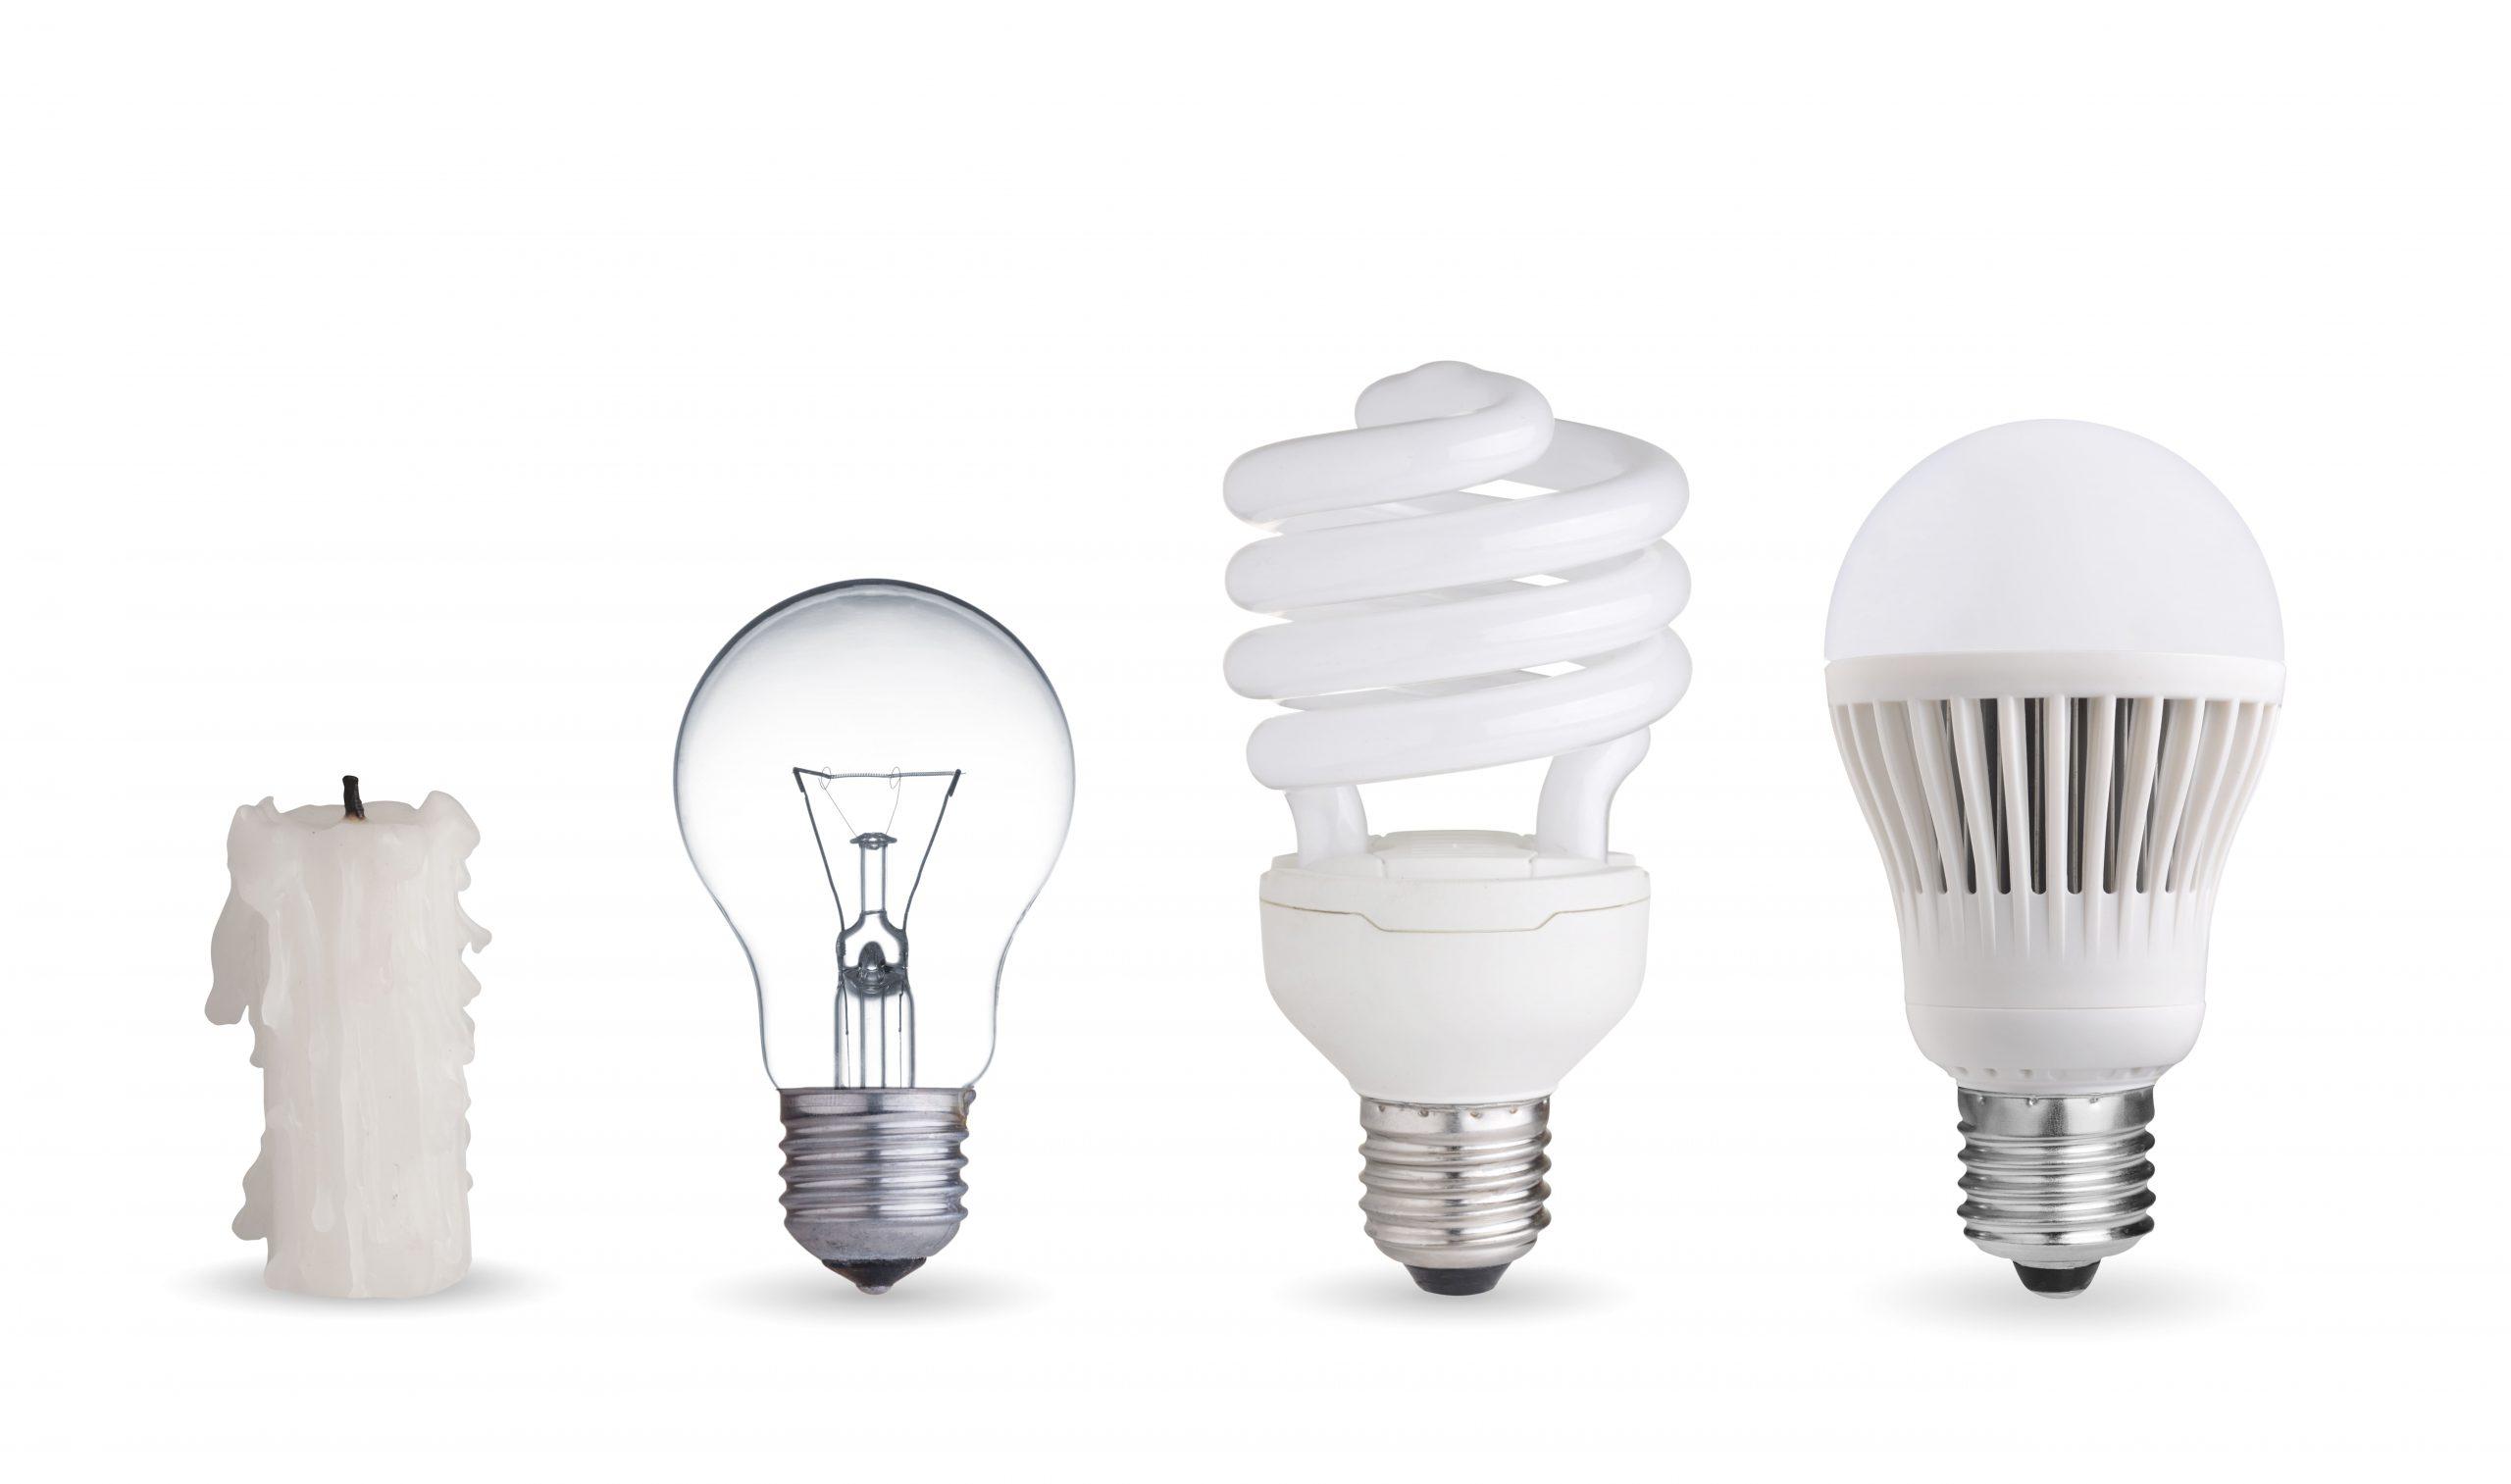 Recyclage des ampoules au bureau en enreprise